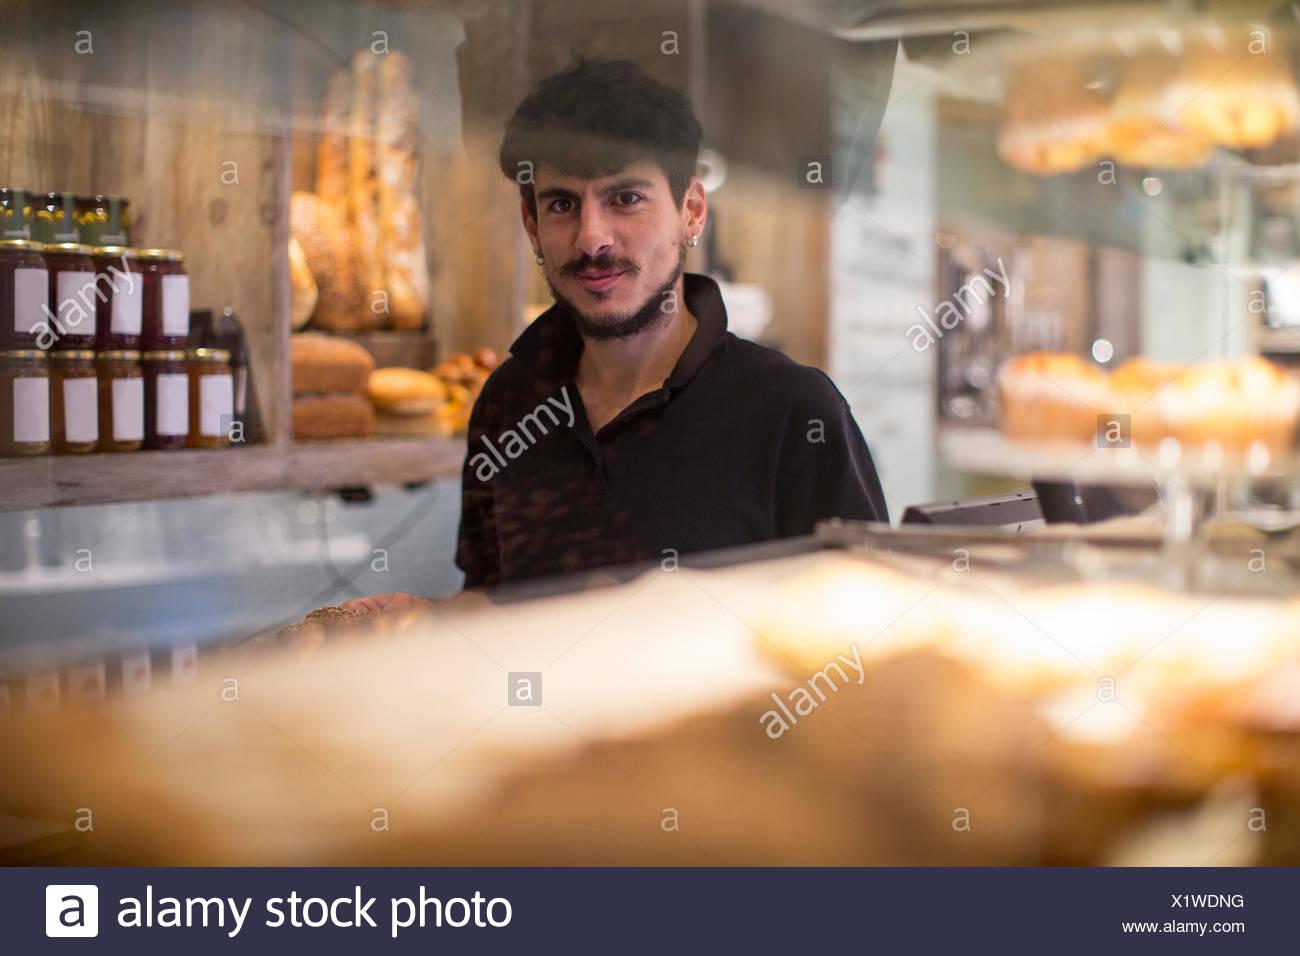 Ritratto di giovane maschio barista dietro cafe counter Immagini Stock